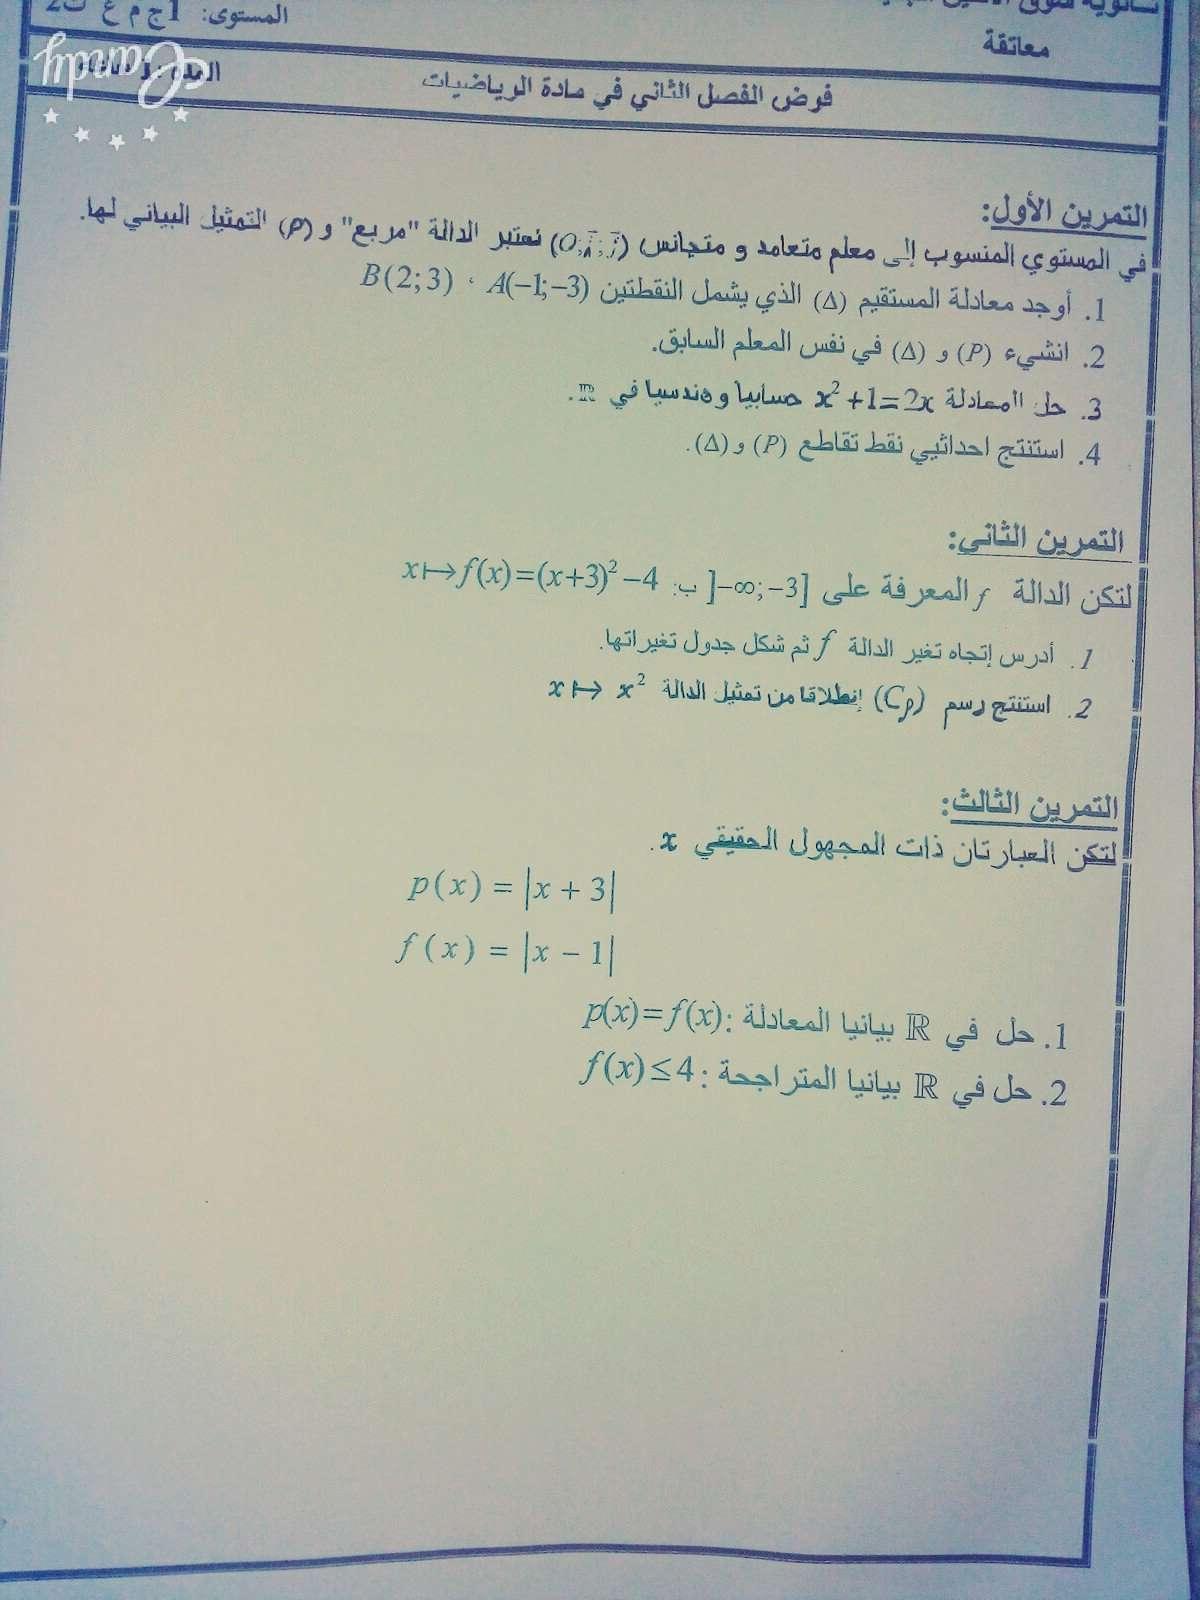 إختبار الفصل الثاني في الرياضيات للسنة الاولى ثانوي علوم - نموذج 2 16990610